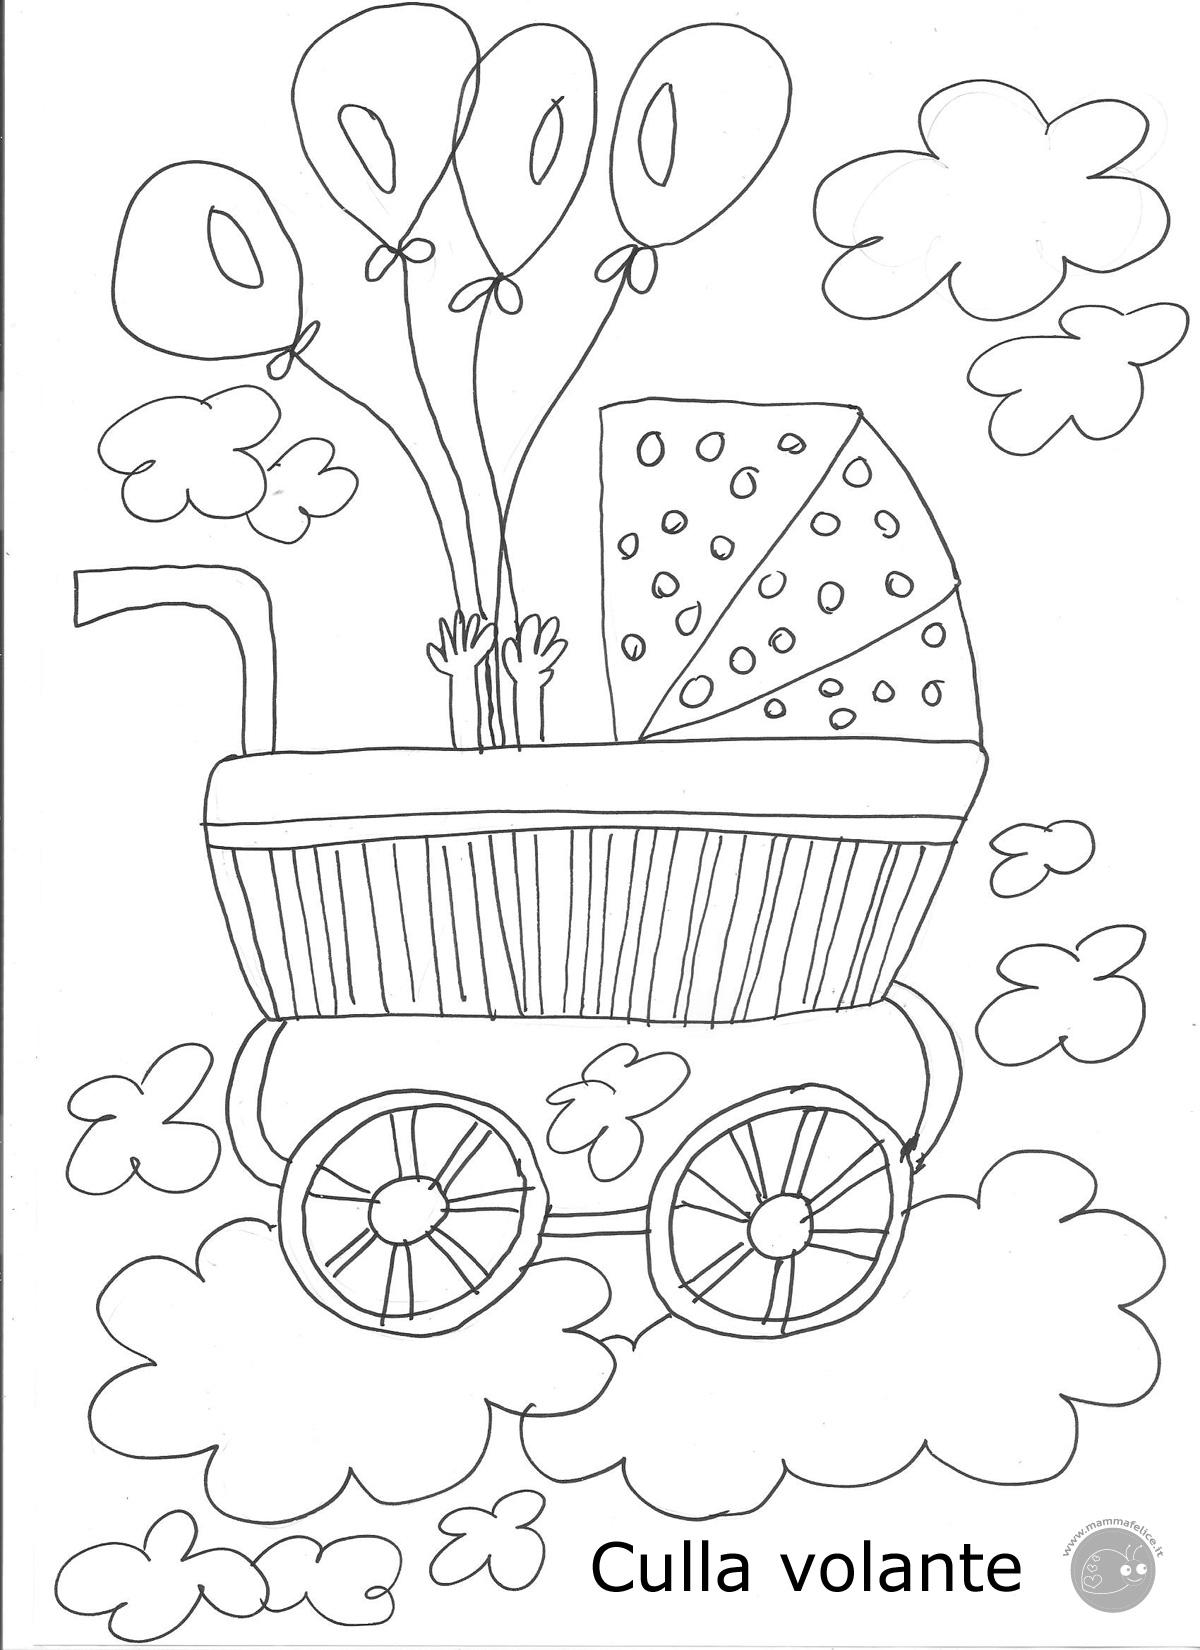 Maternita Disegni Per Bambini Da Colorare Auto Electrical Wiring